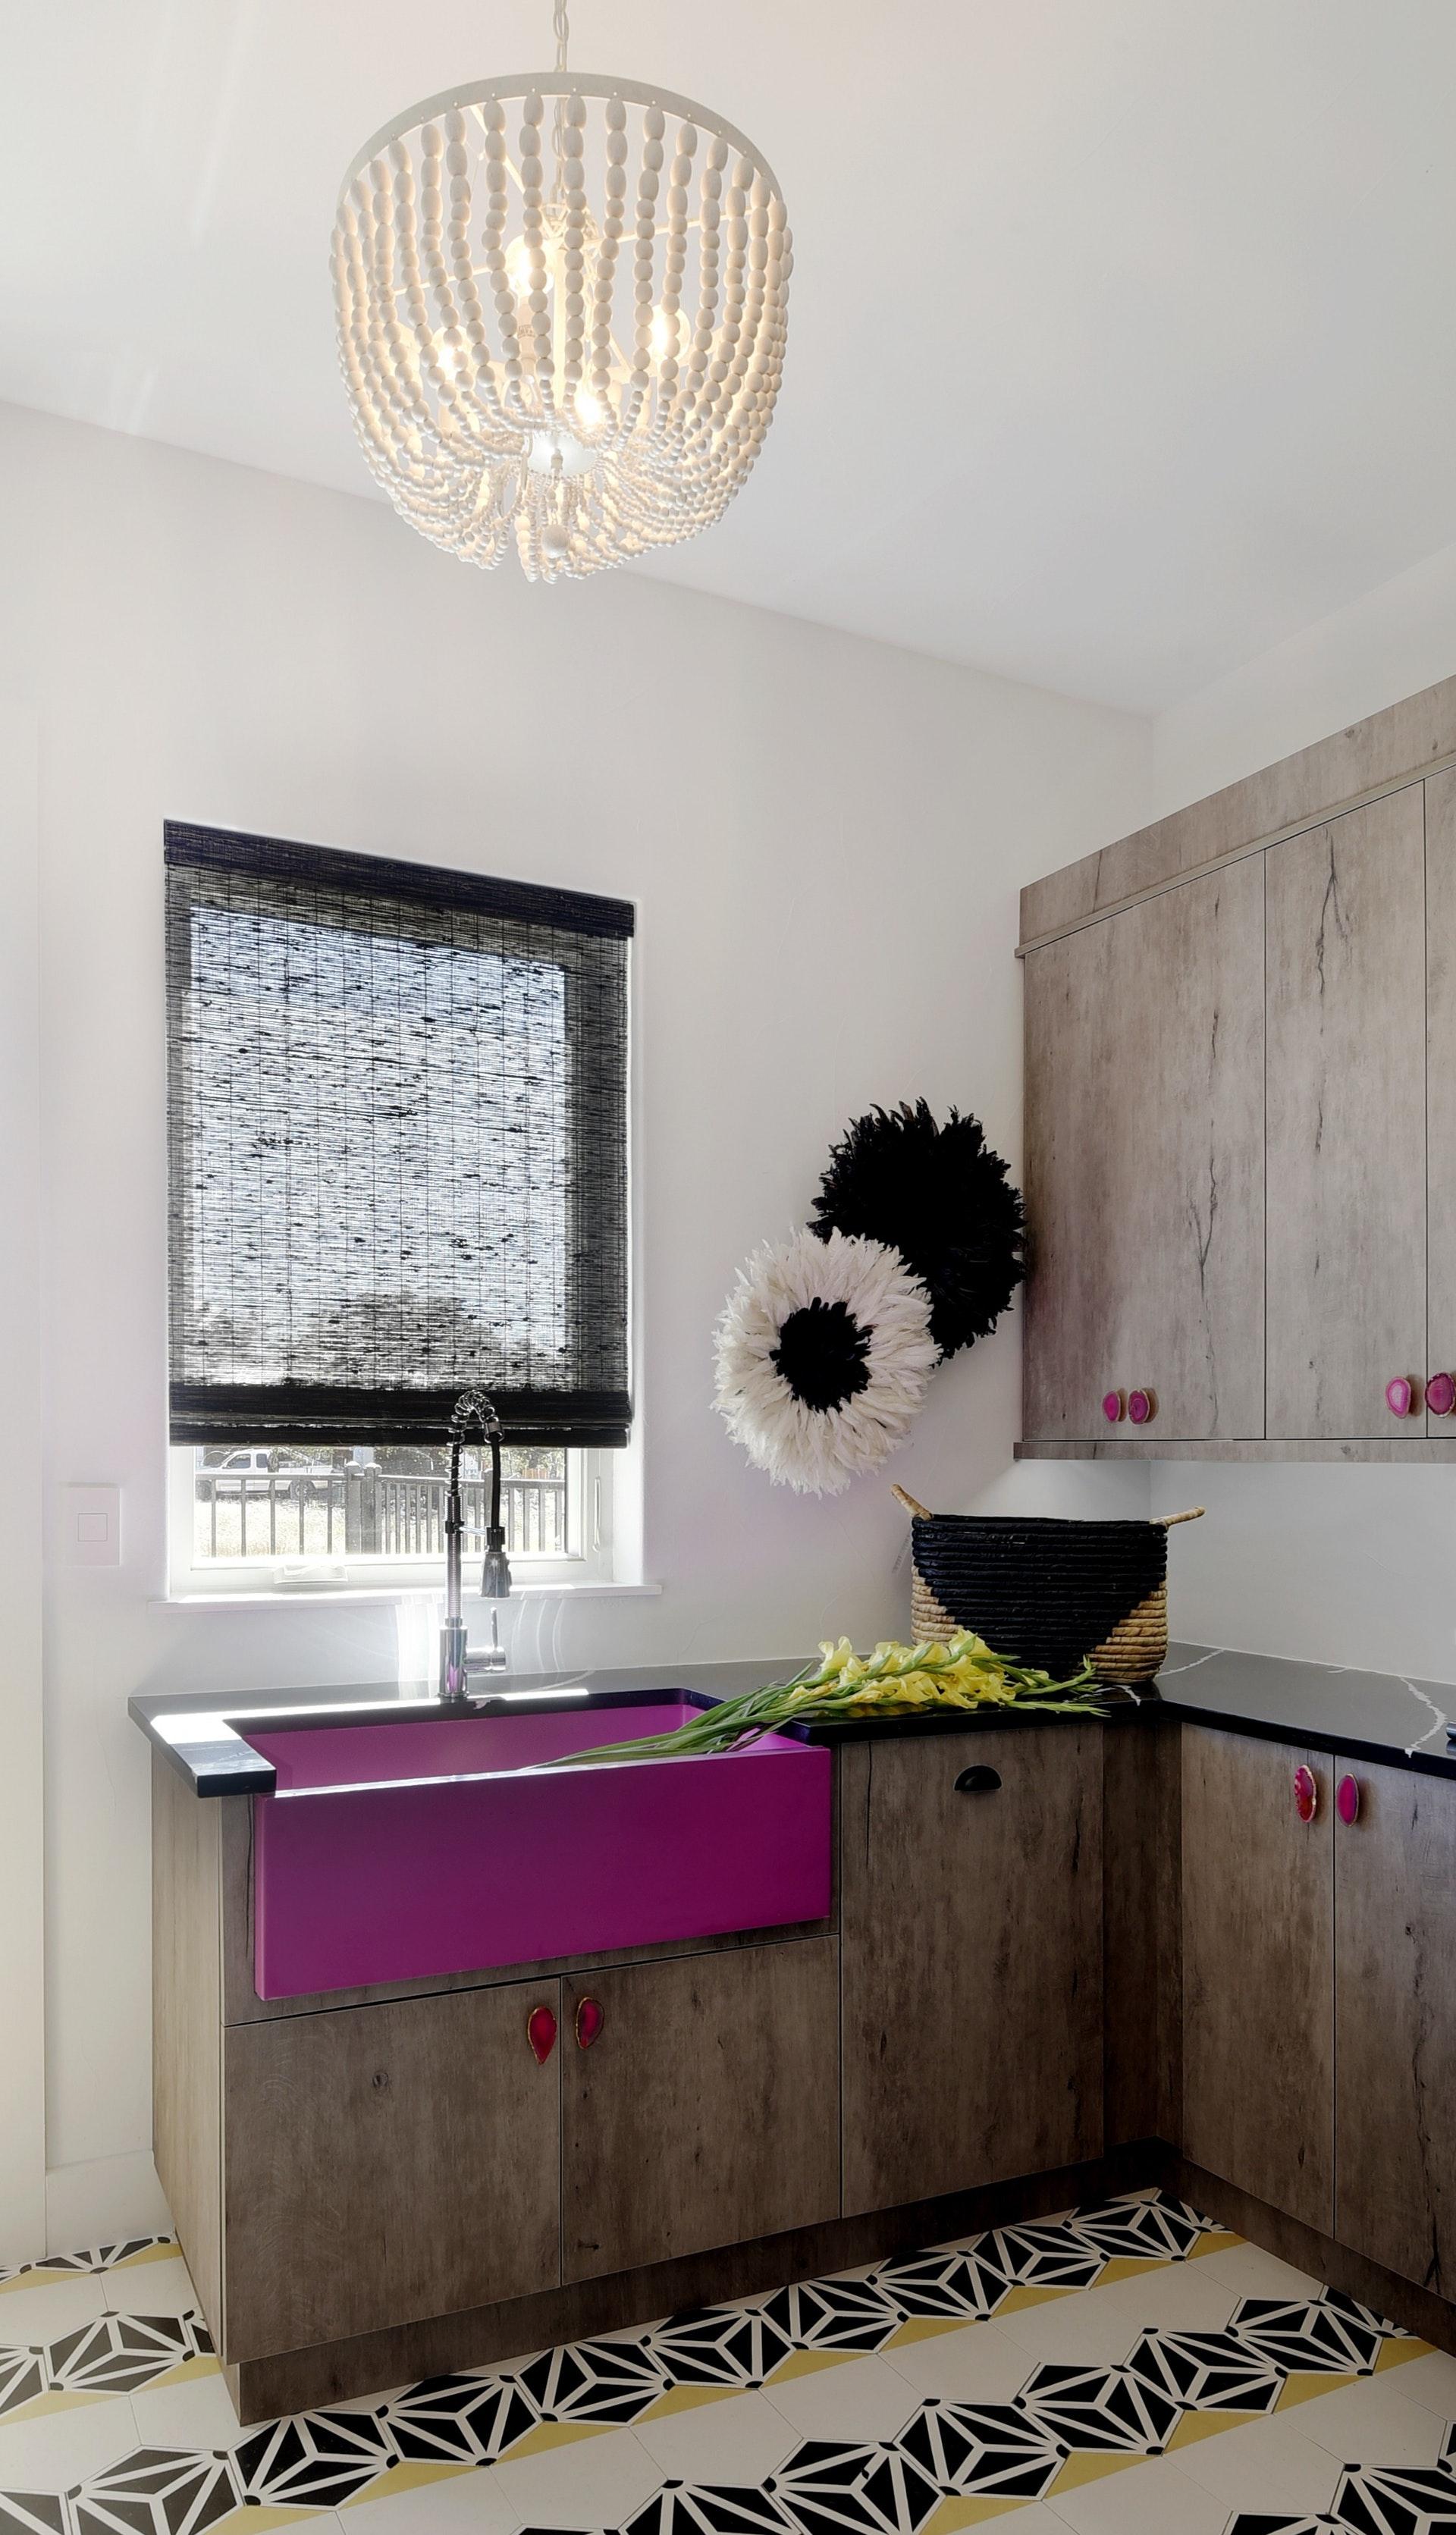 063-293999-Chelsea Kloss Interiors 064_7145622.jpg